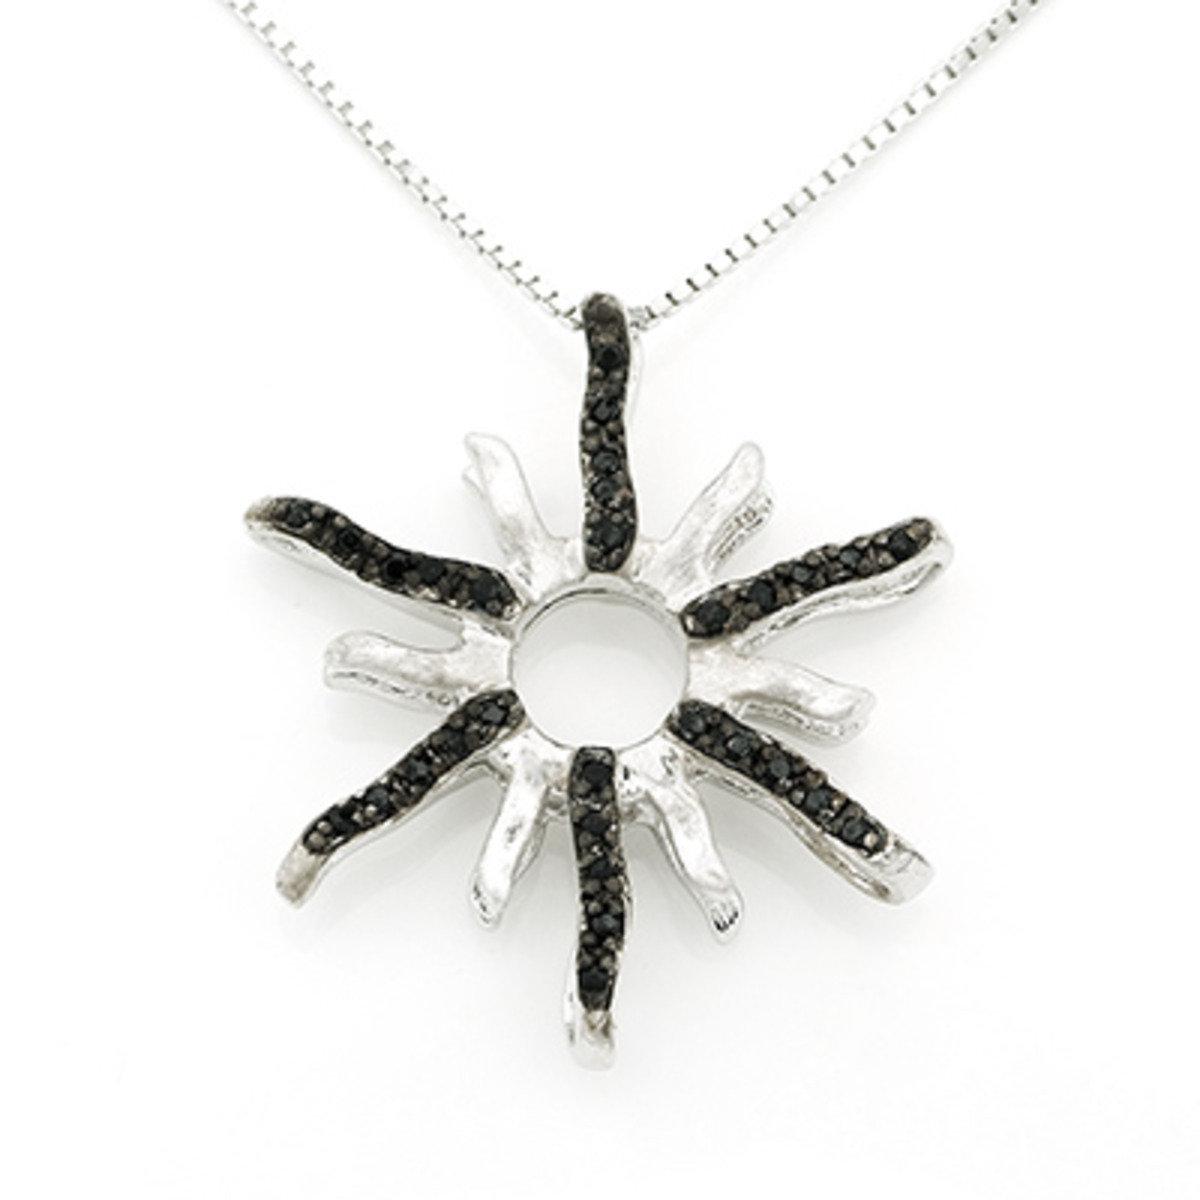 太陽黑色鋯石項鏈 (16 吋) - 925 純銀